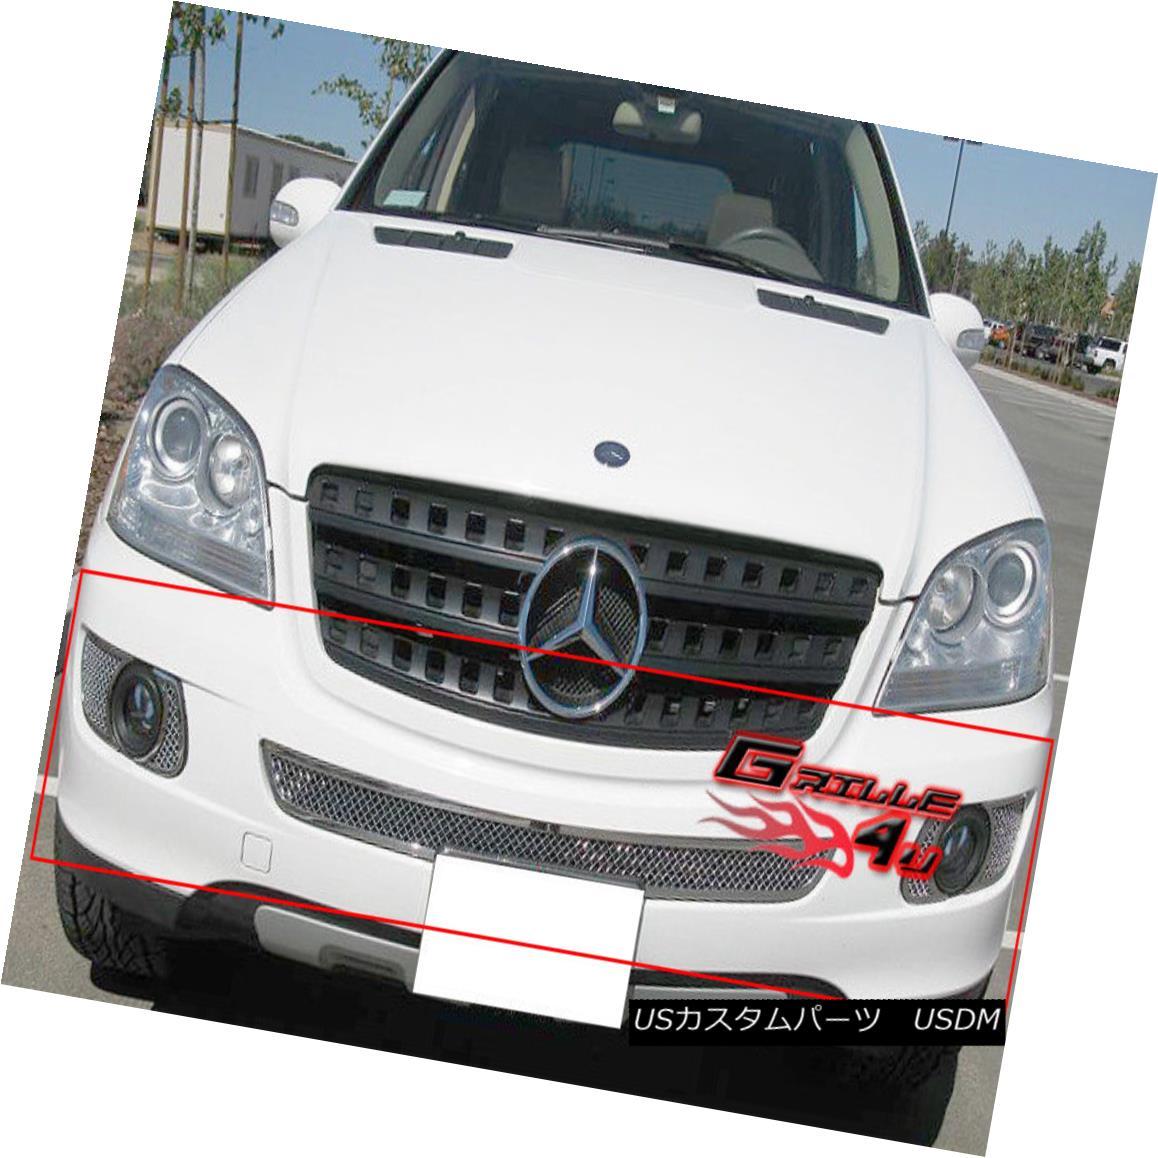 グリル Fits 2006-2008 Mercedes-Benz ML350/ 500 Lower Bumper Mesh Grille 2006?2008年のメルセデスベンツML350 / 500ロワーバンパーメッシュグリルに適合